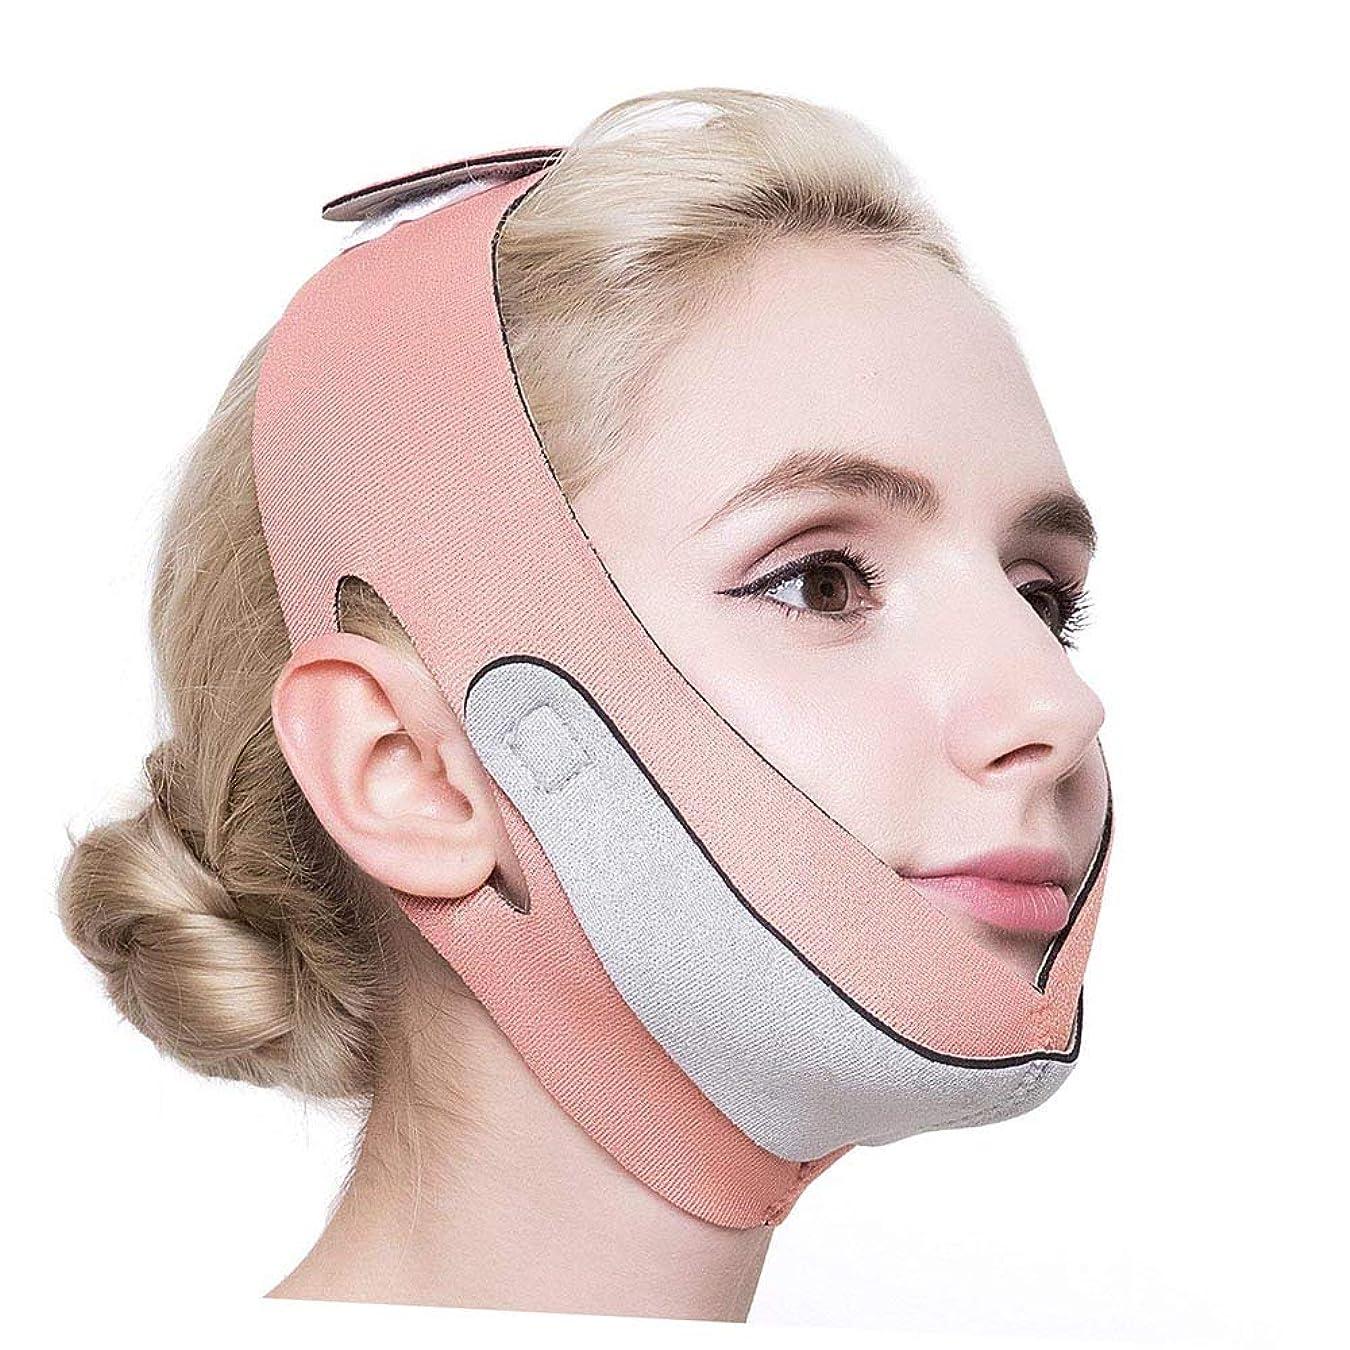 一掃するローントラックAomgsd 小顔 矯正 顔痩せ 美顔 ほうれい線予防 抗シワ 頬リ引き上げマスク レデー サポーター (ピンク)